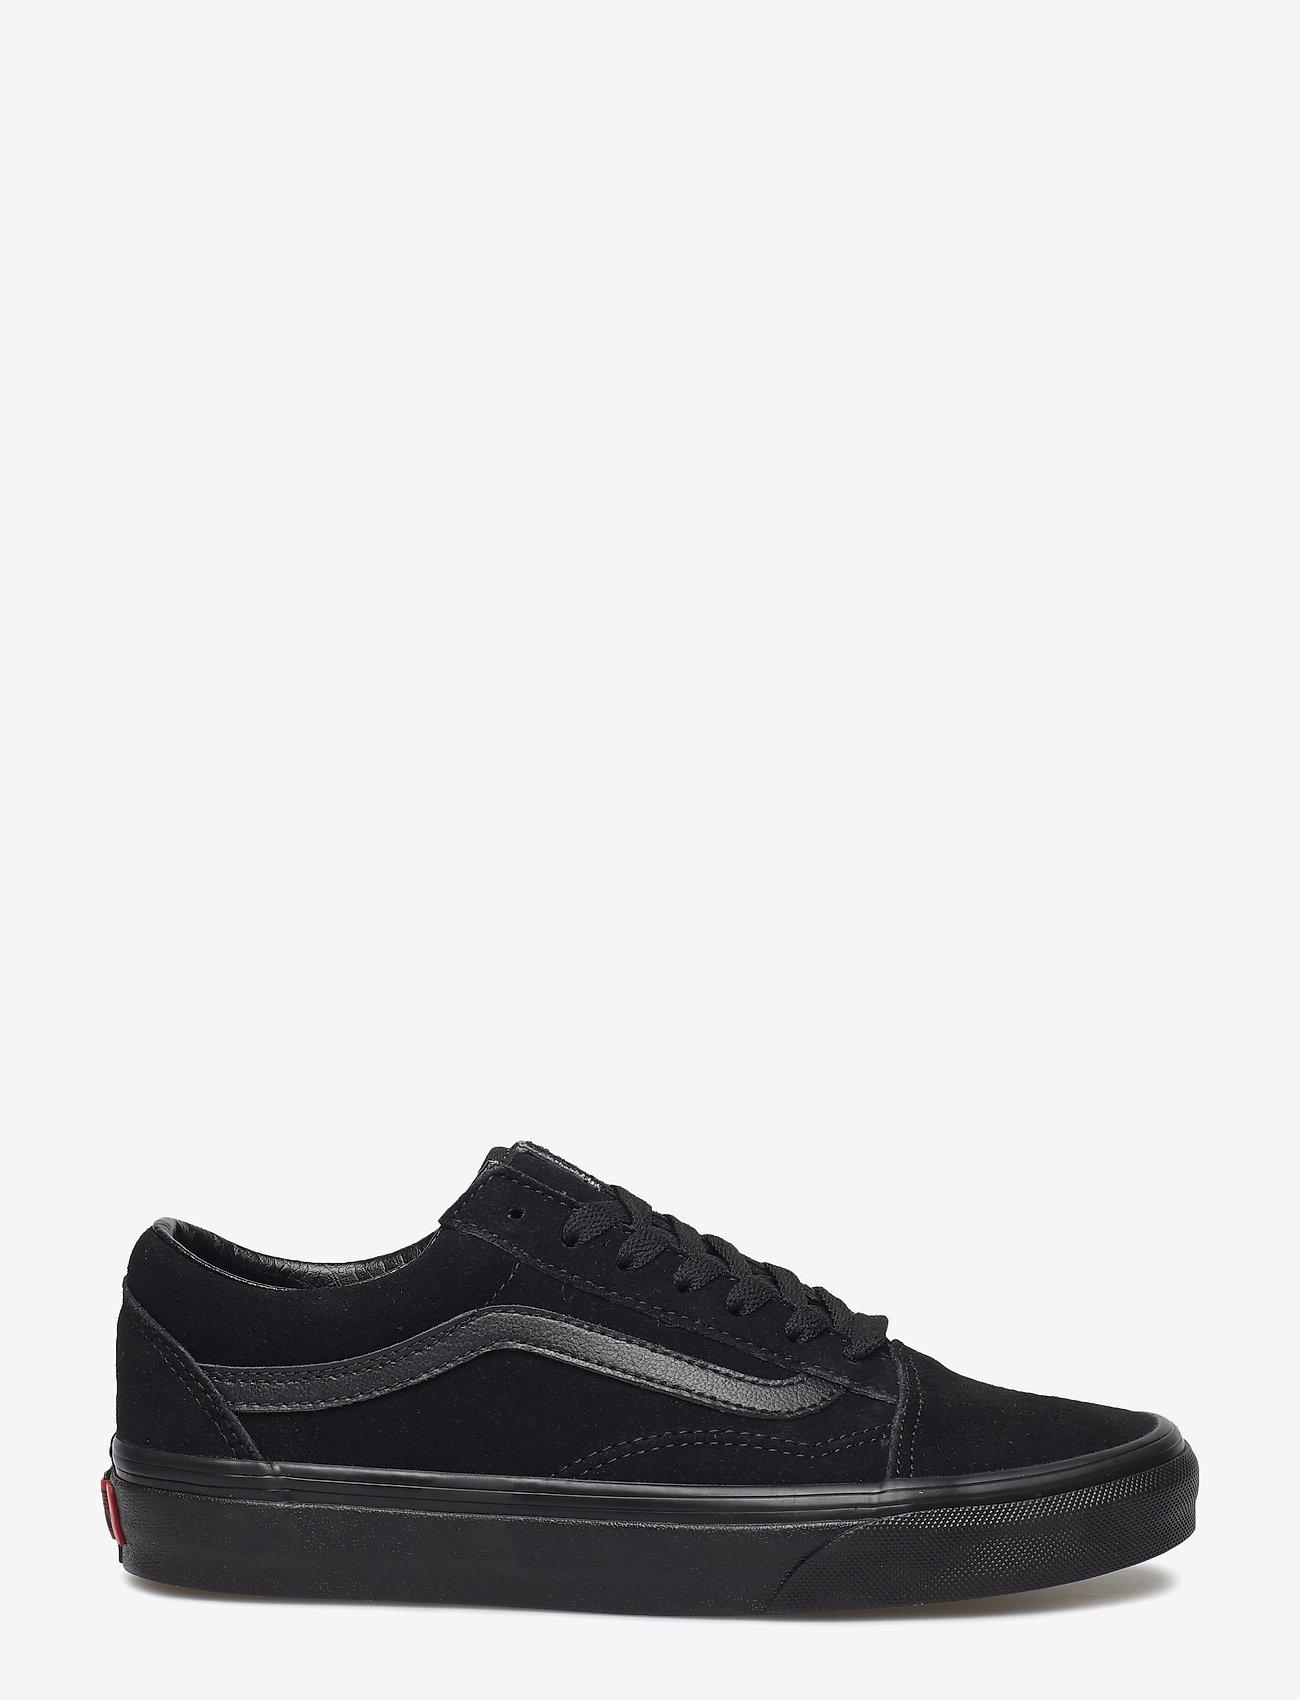 VANS - UA Old Skool - laag sneakers - (suede)black/black/black - 1